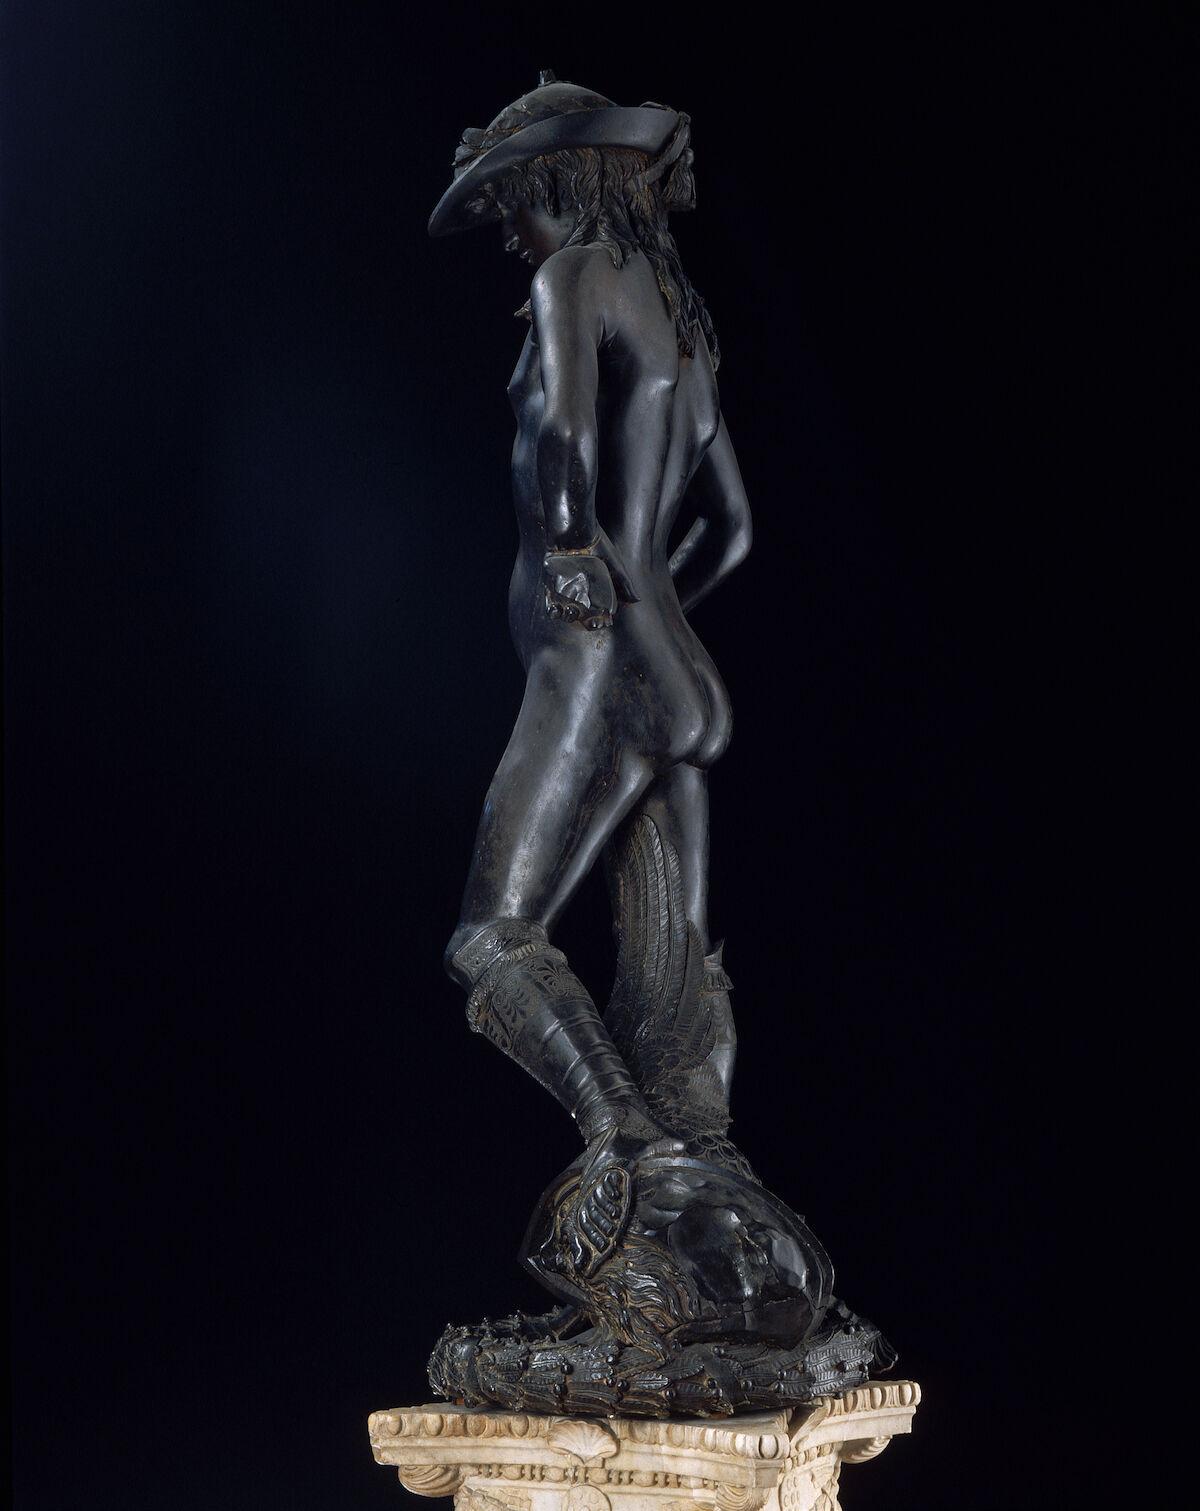 Donatello, David, 1428–1432. Photo © Arte & Immagini srl/CORBIS/Corbis via Getty Images.